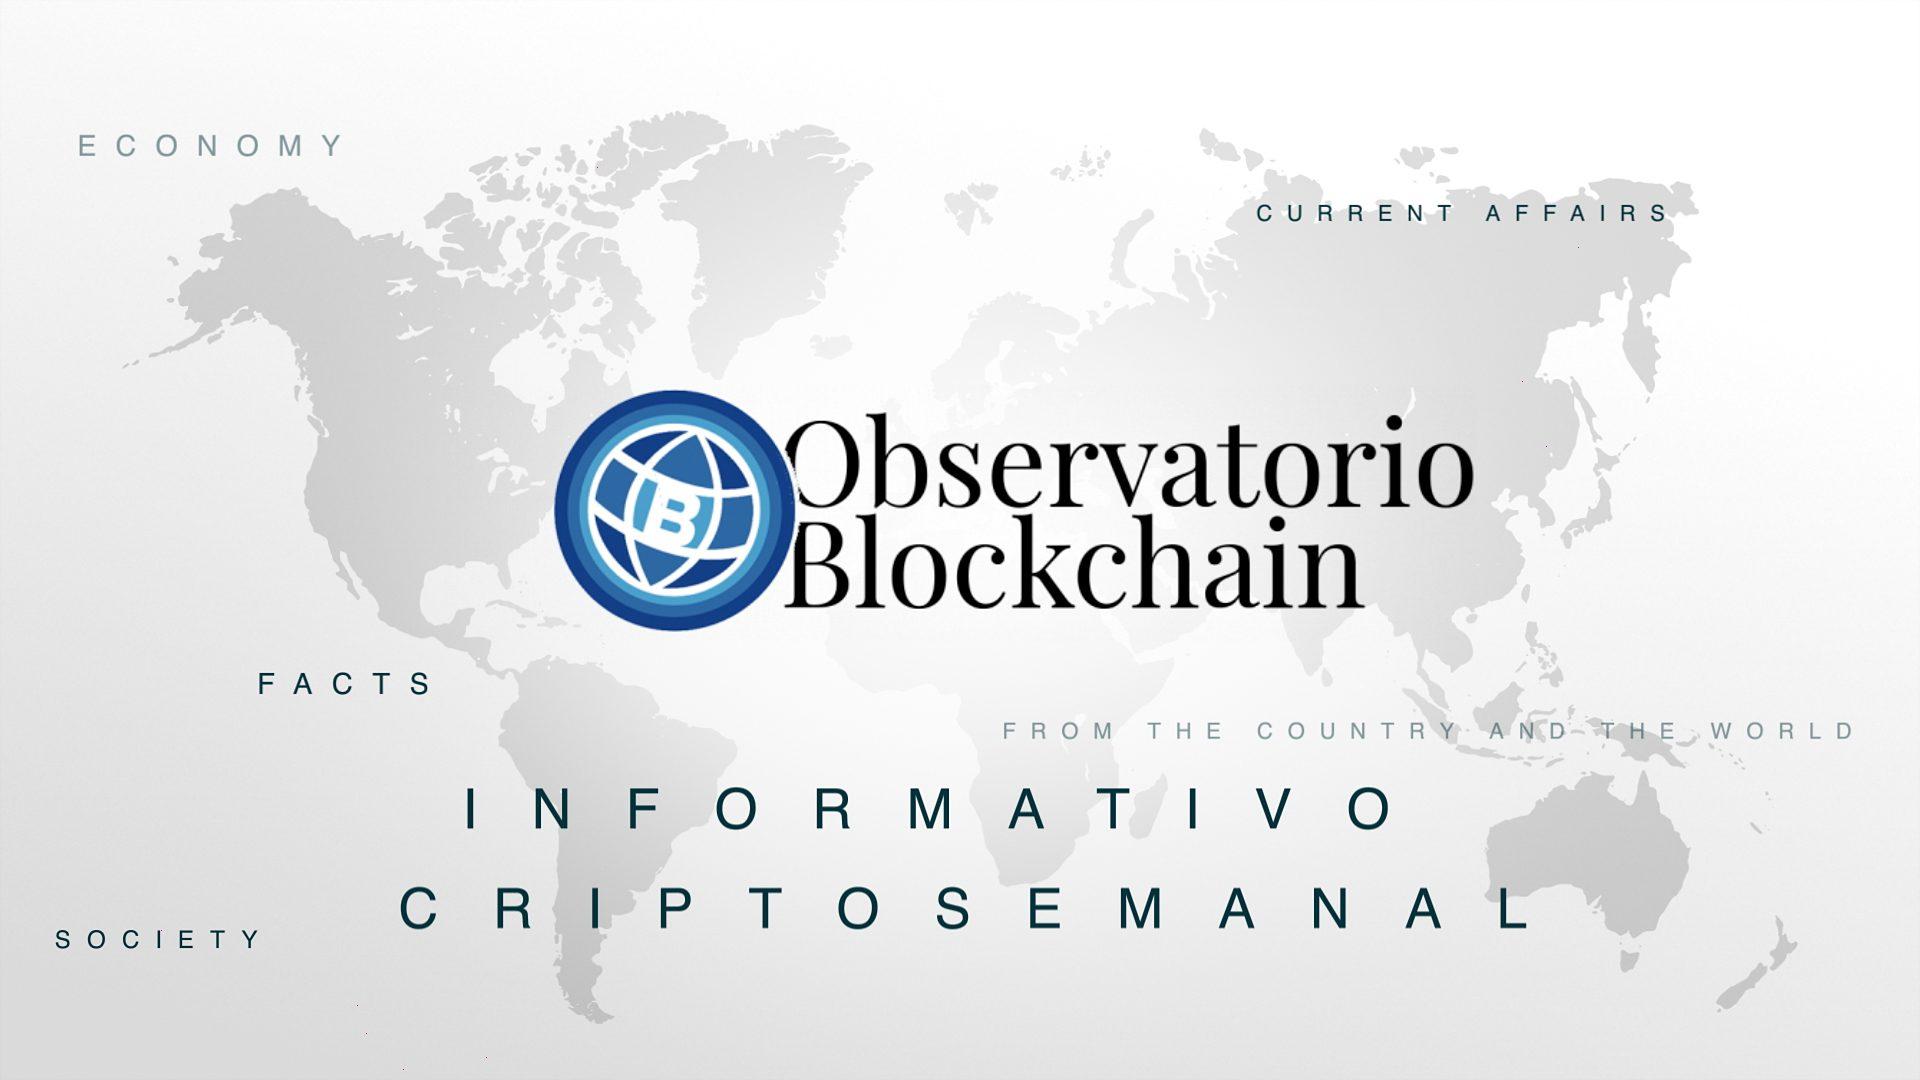 bancos Bitcoin Defi blockchain